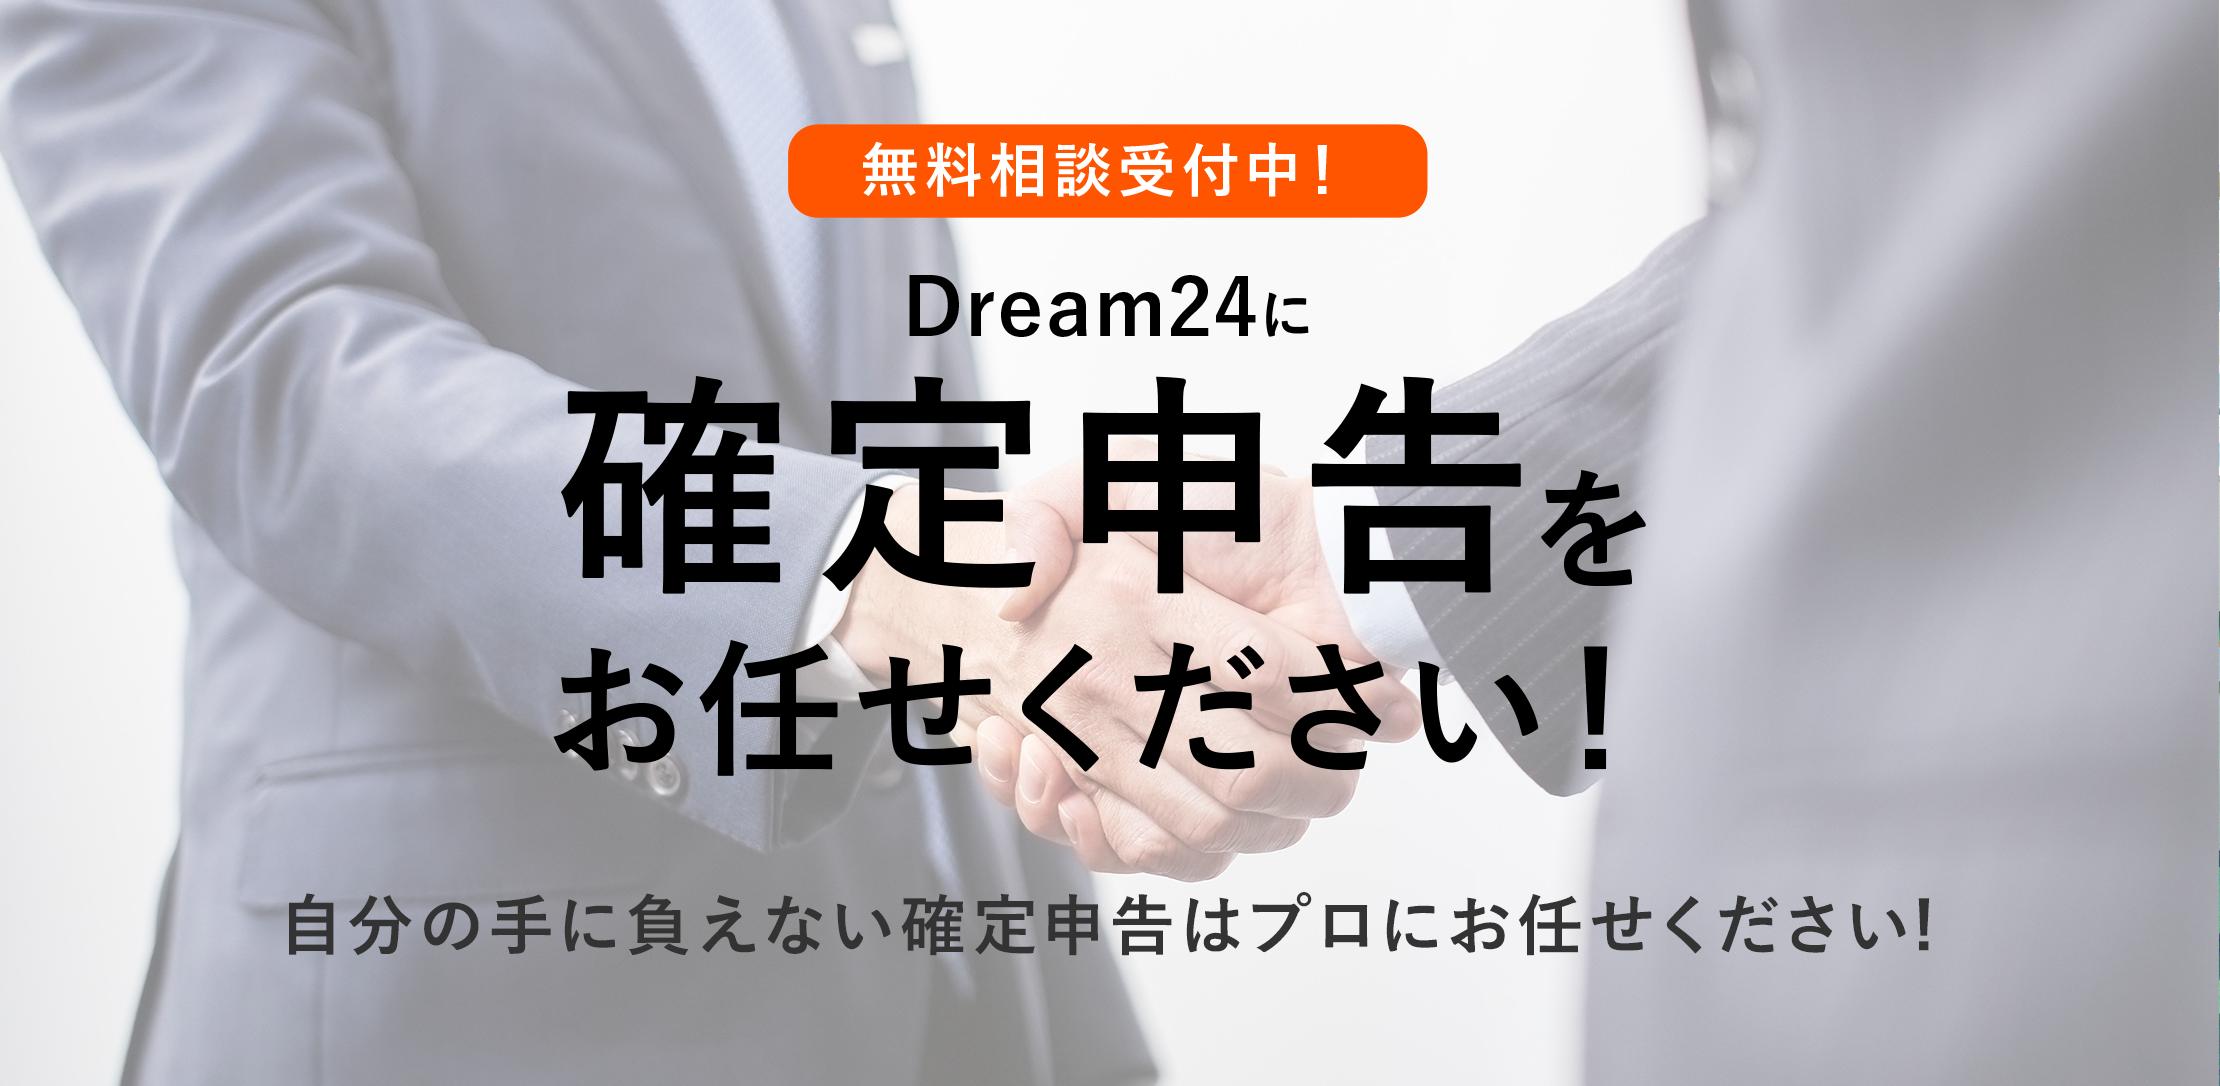 Dream24に確定申告をお任せください!